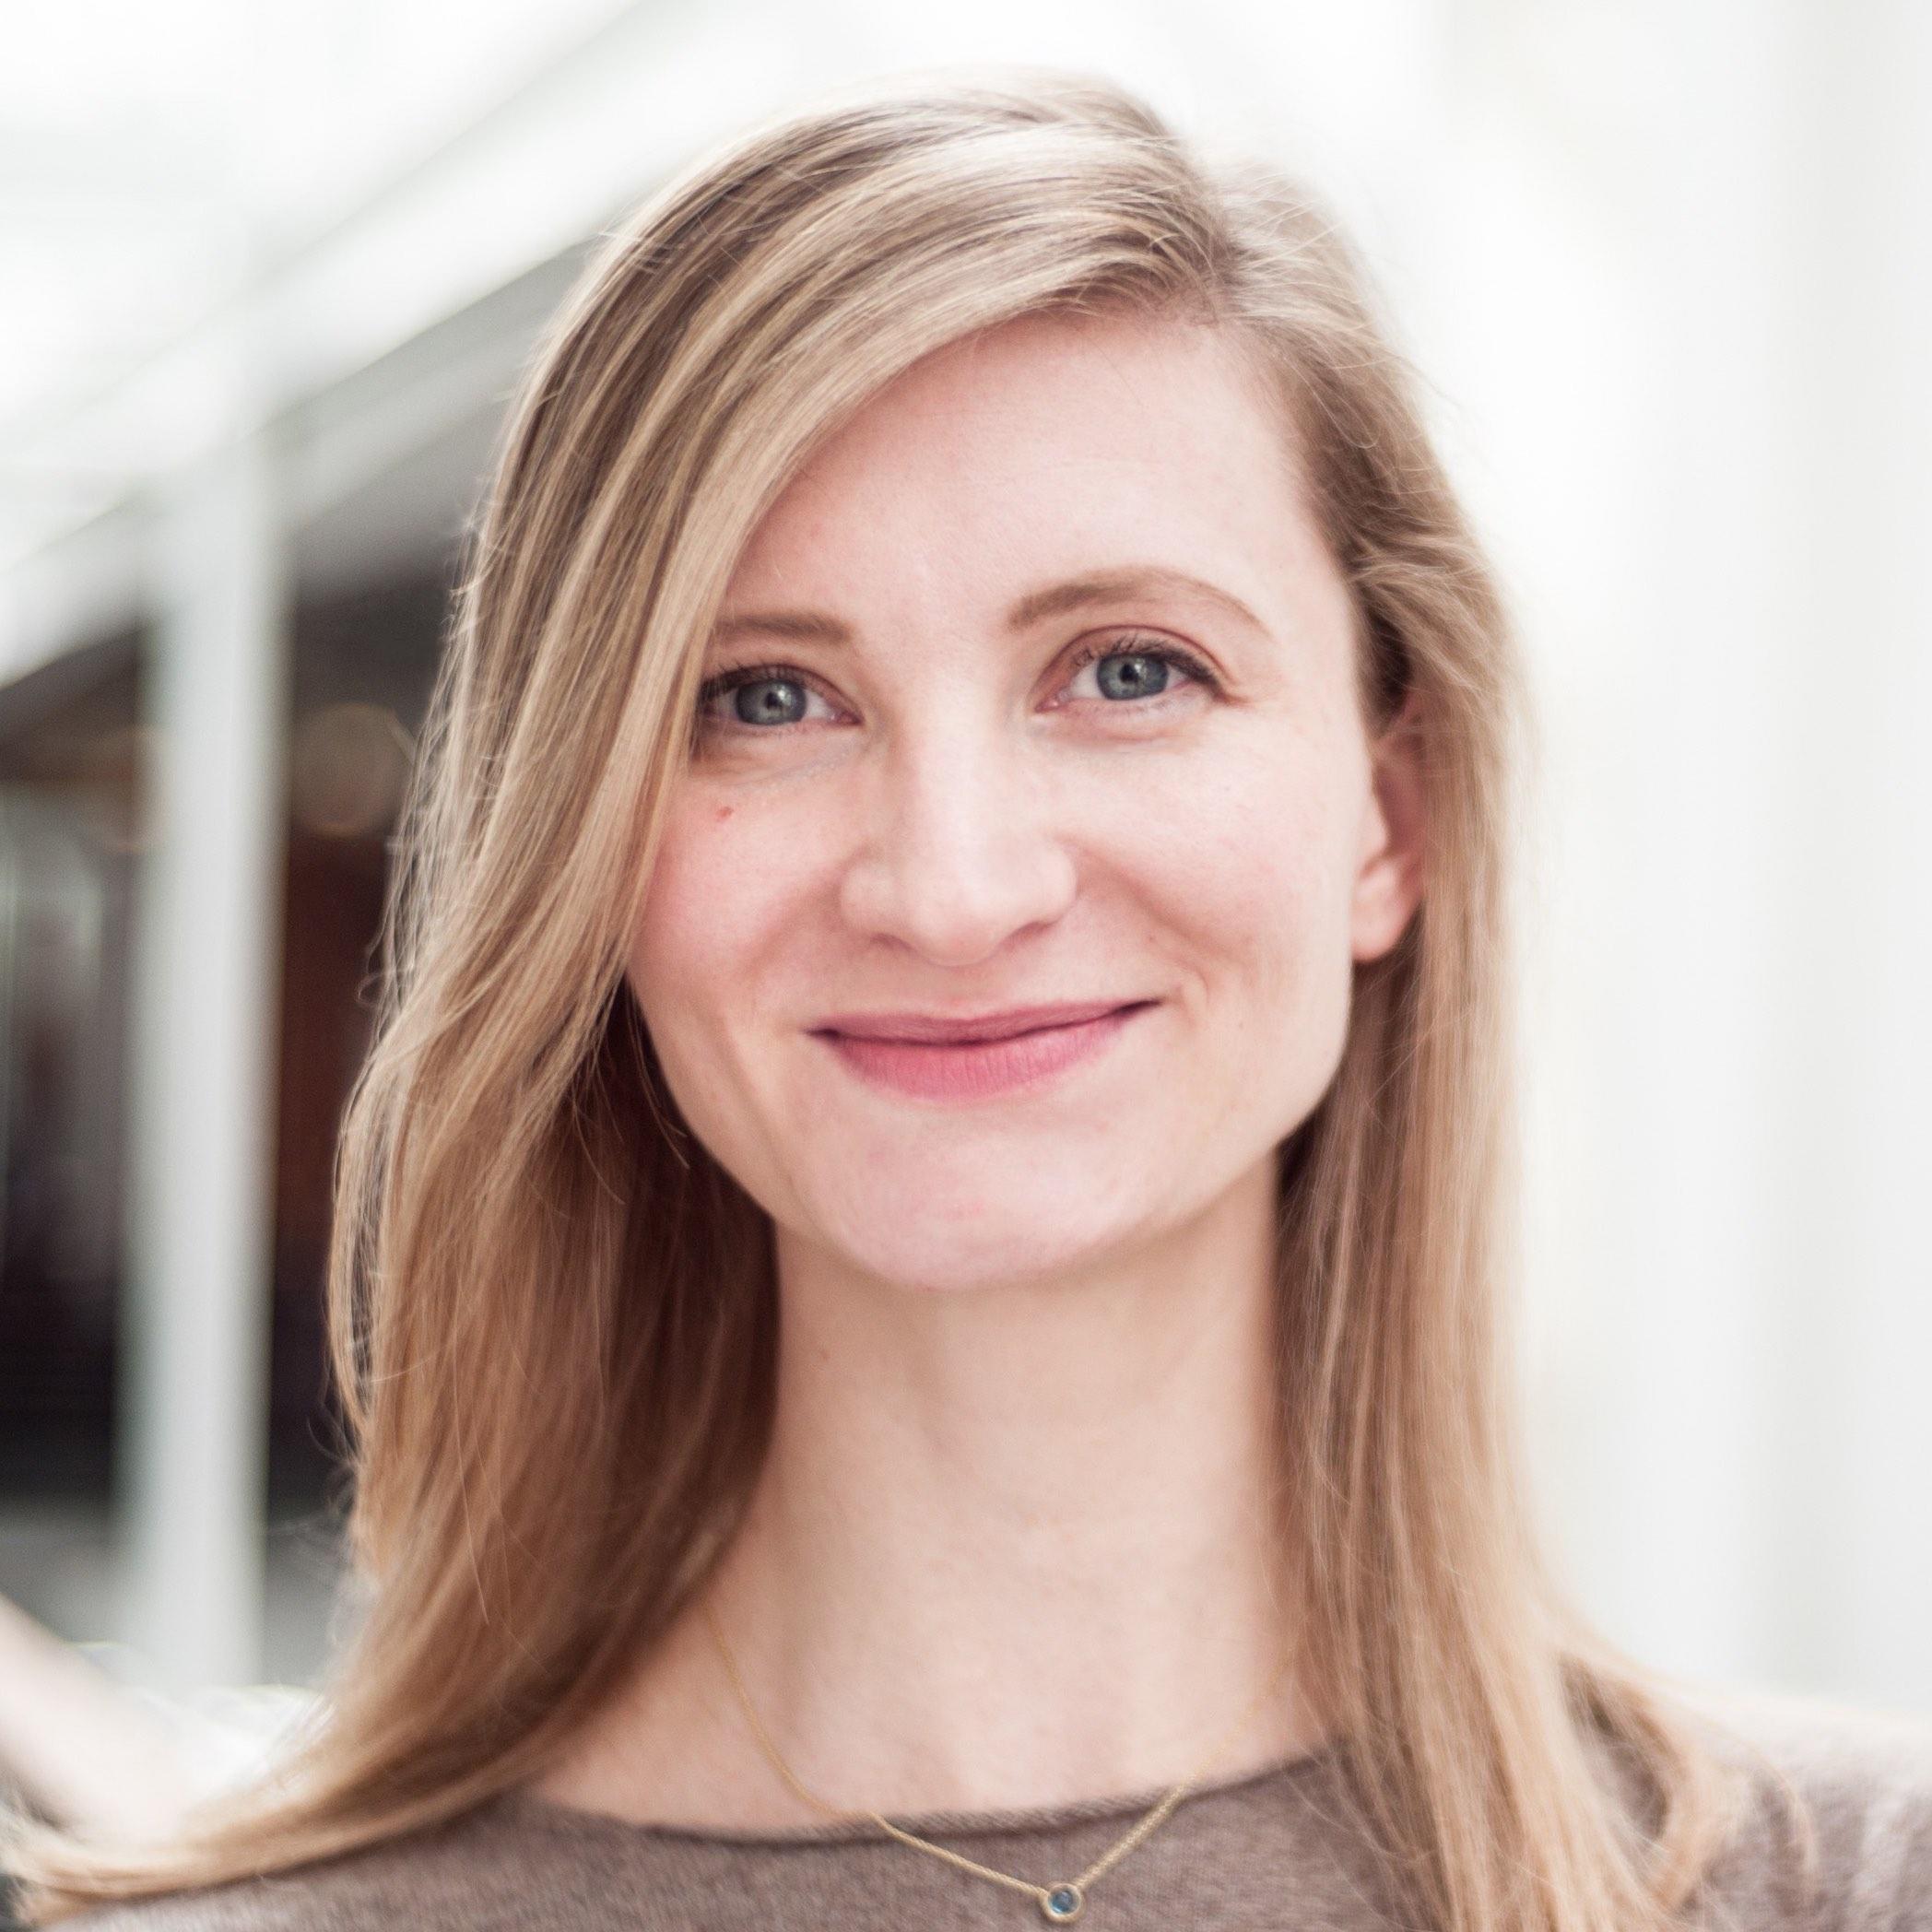 Sara Eshelman